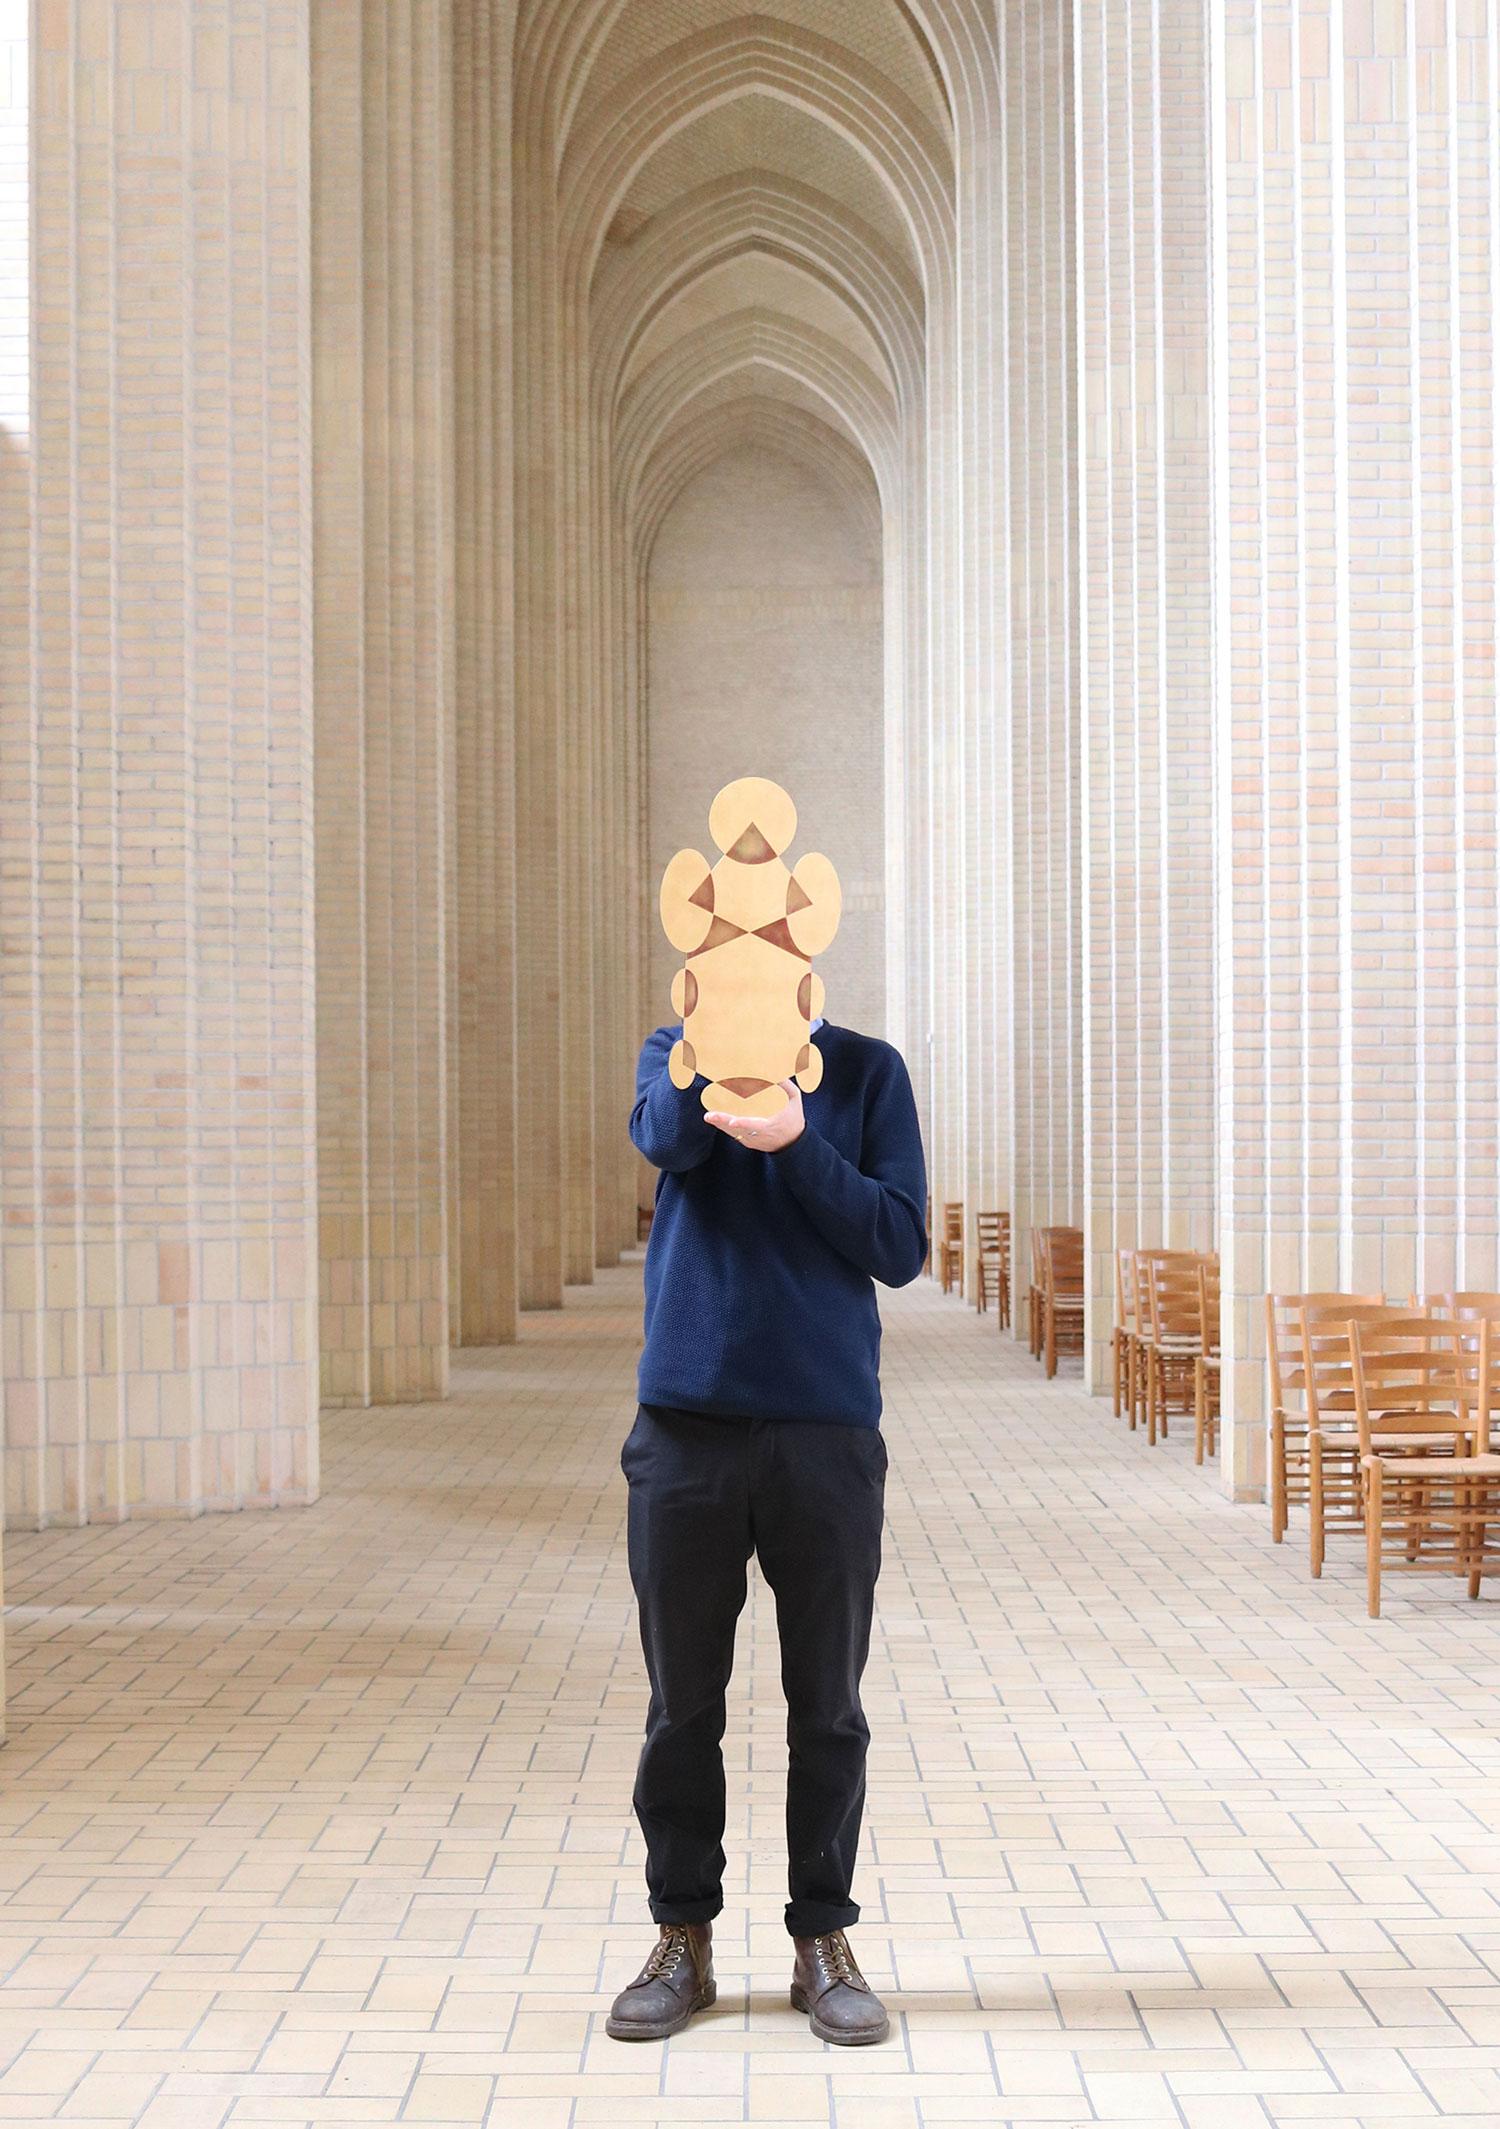 Barocche Mirror by Nikolai Kotlarczyk at Stockholm Furniture Fair 2017 | Yellowtrace